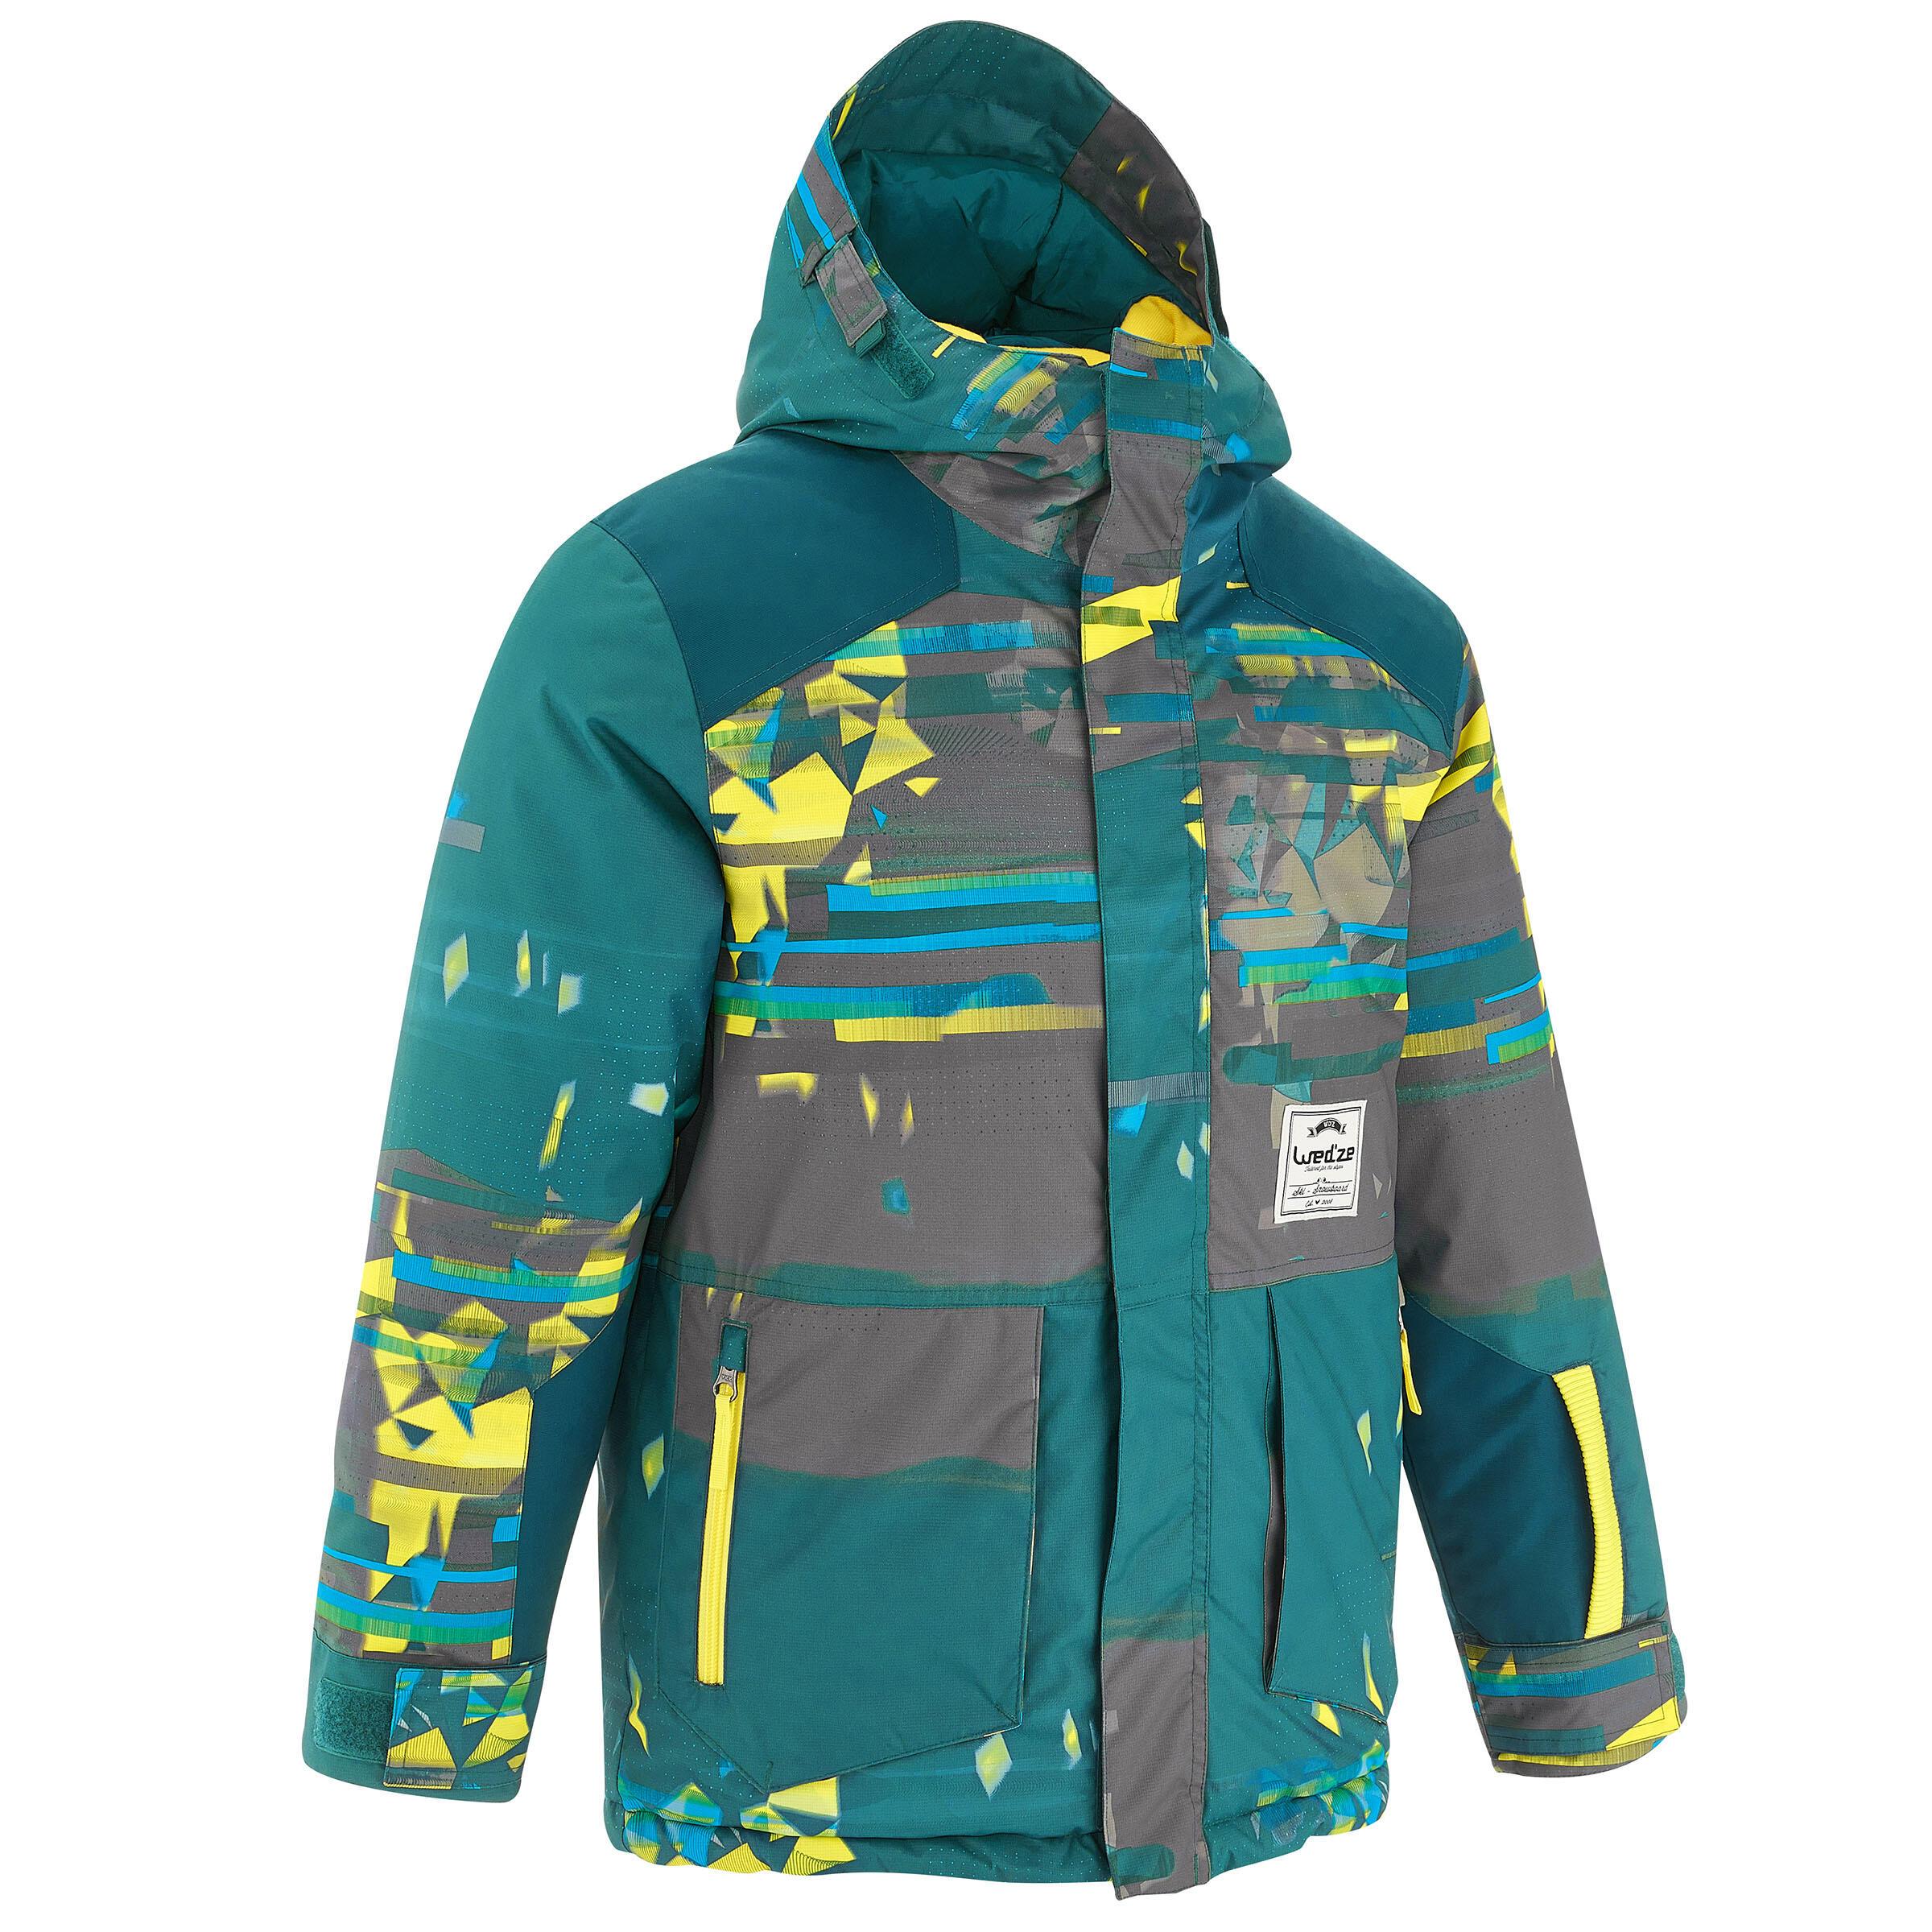 Jungen,Kinder,Kinder Snowboardjacke 500 Kinder Jungen petrolgrün | 03608449881241